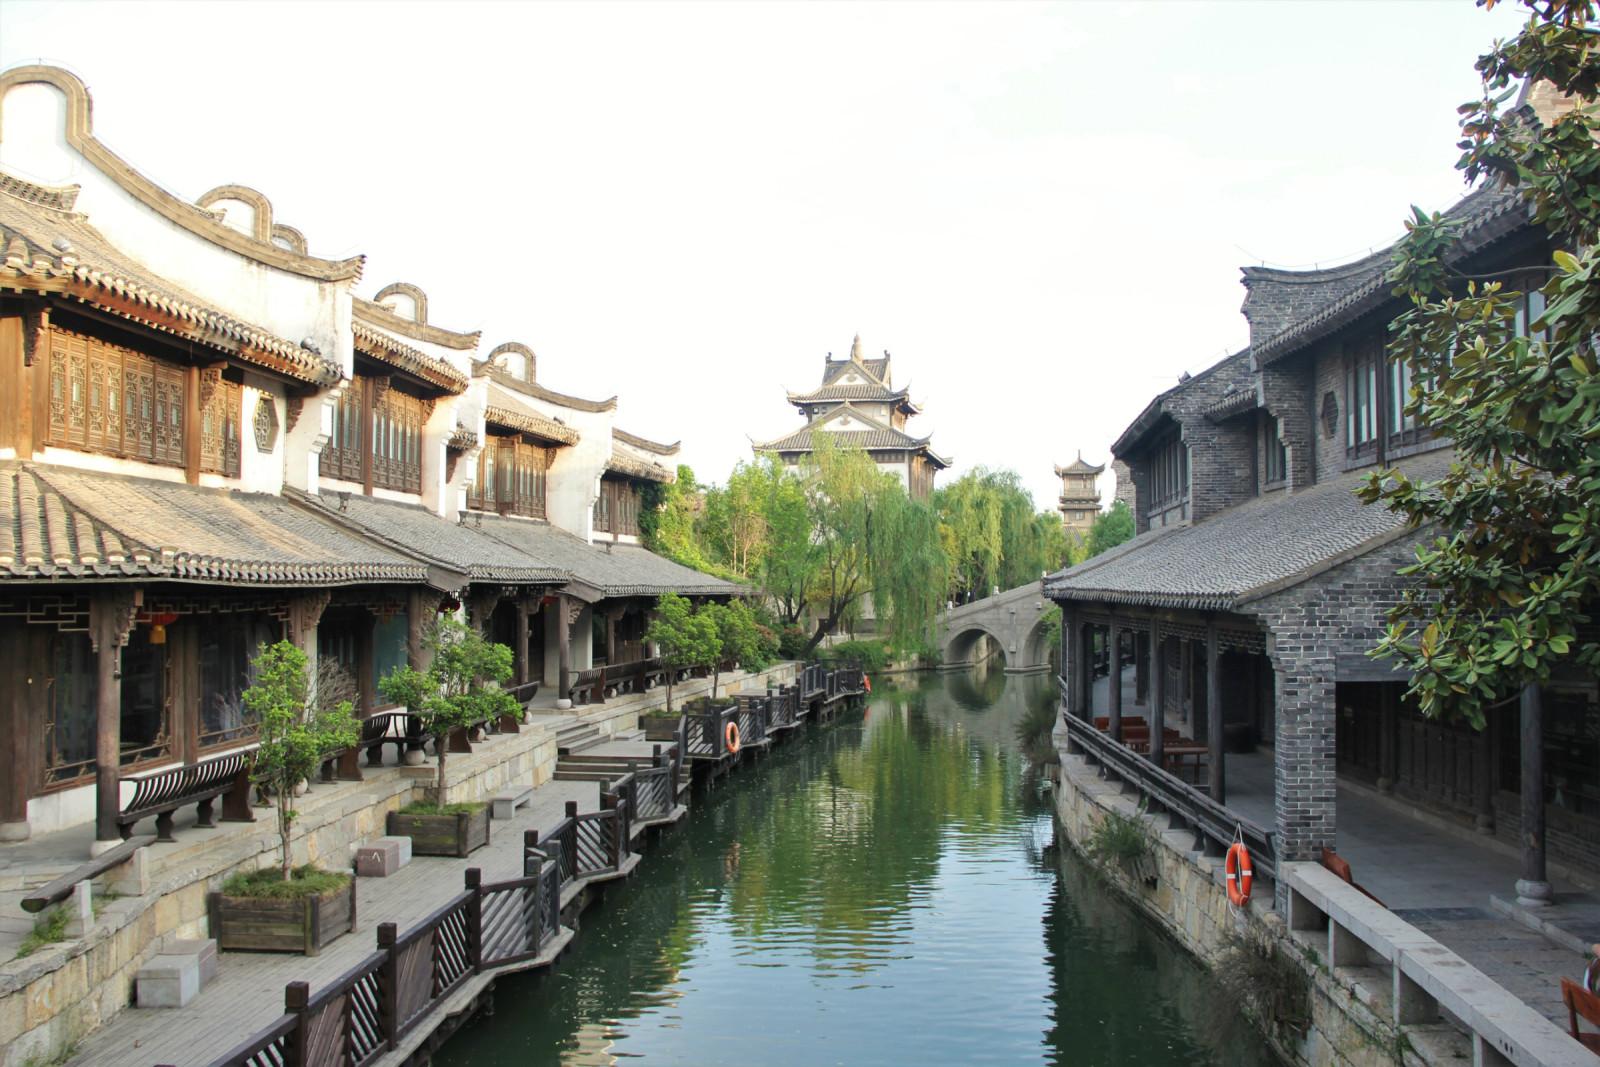 而今的古城内处处小桥流水,亭台楼阁,曲径回廊,一如江南小镇般隽秀.